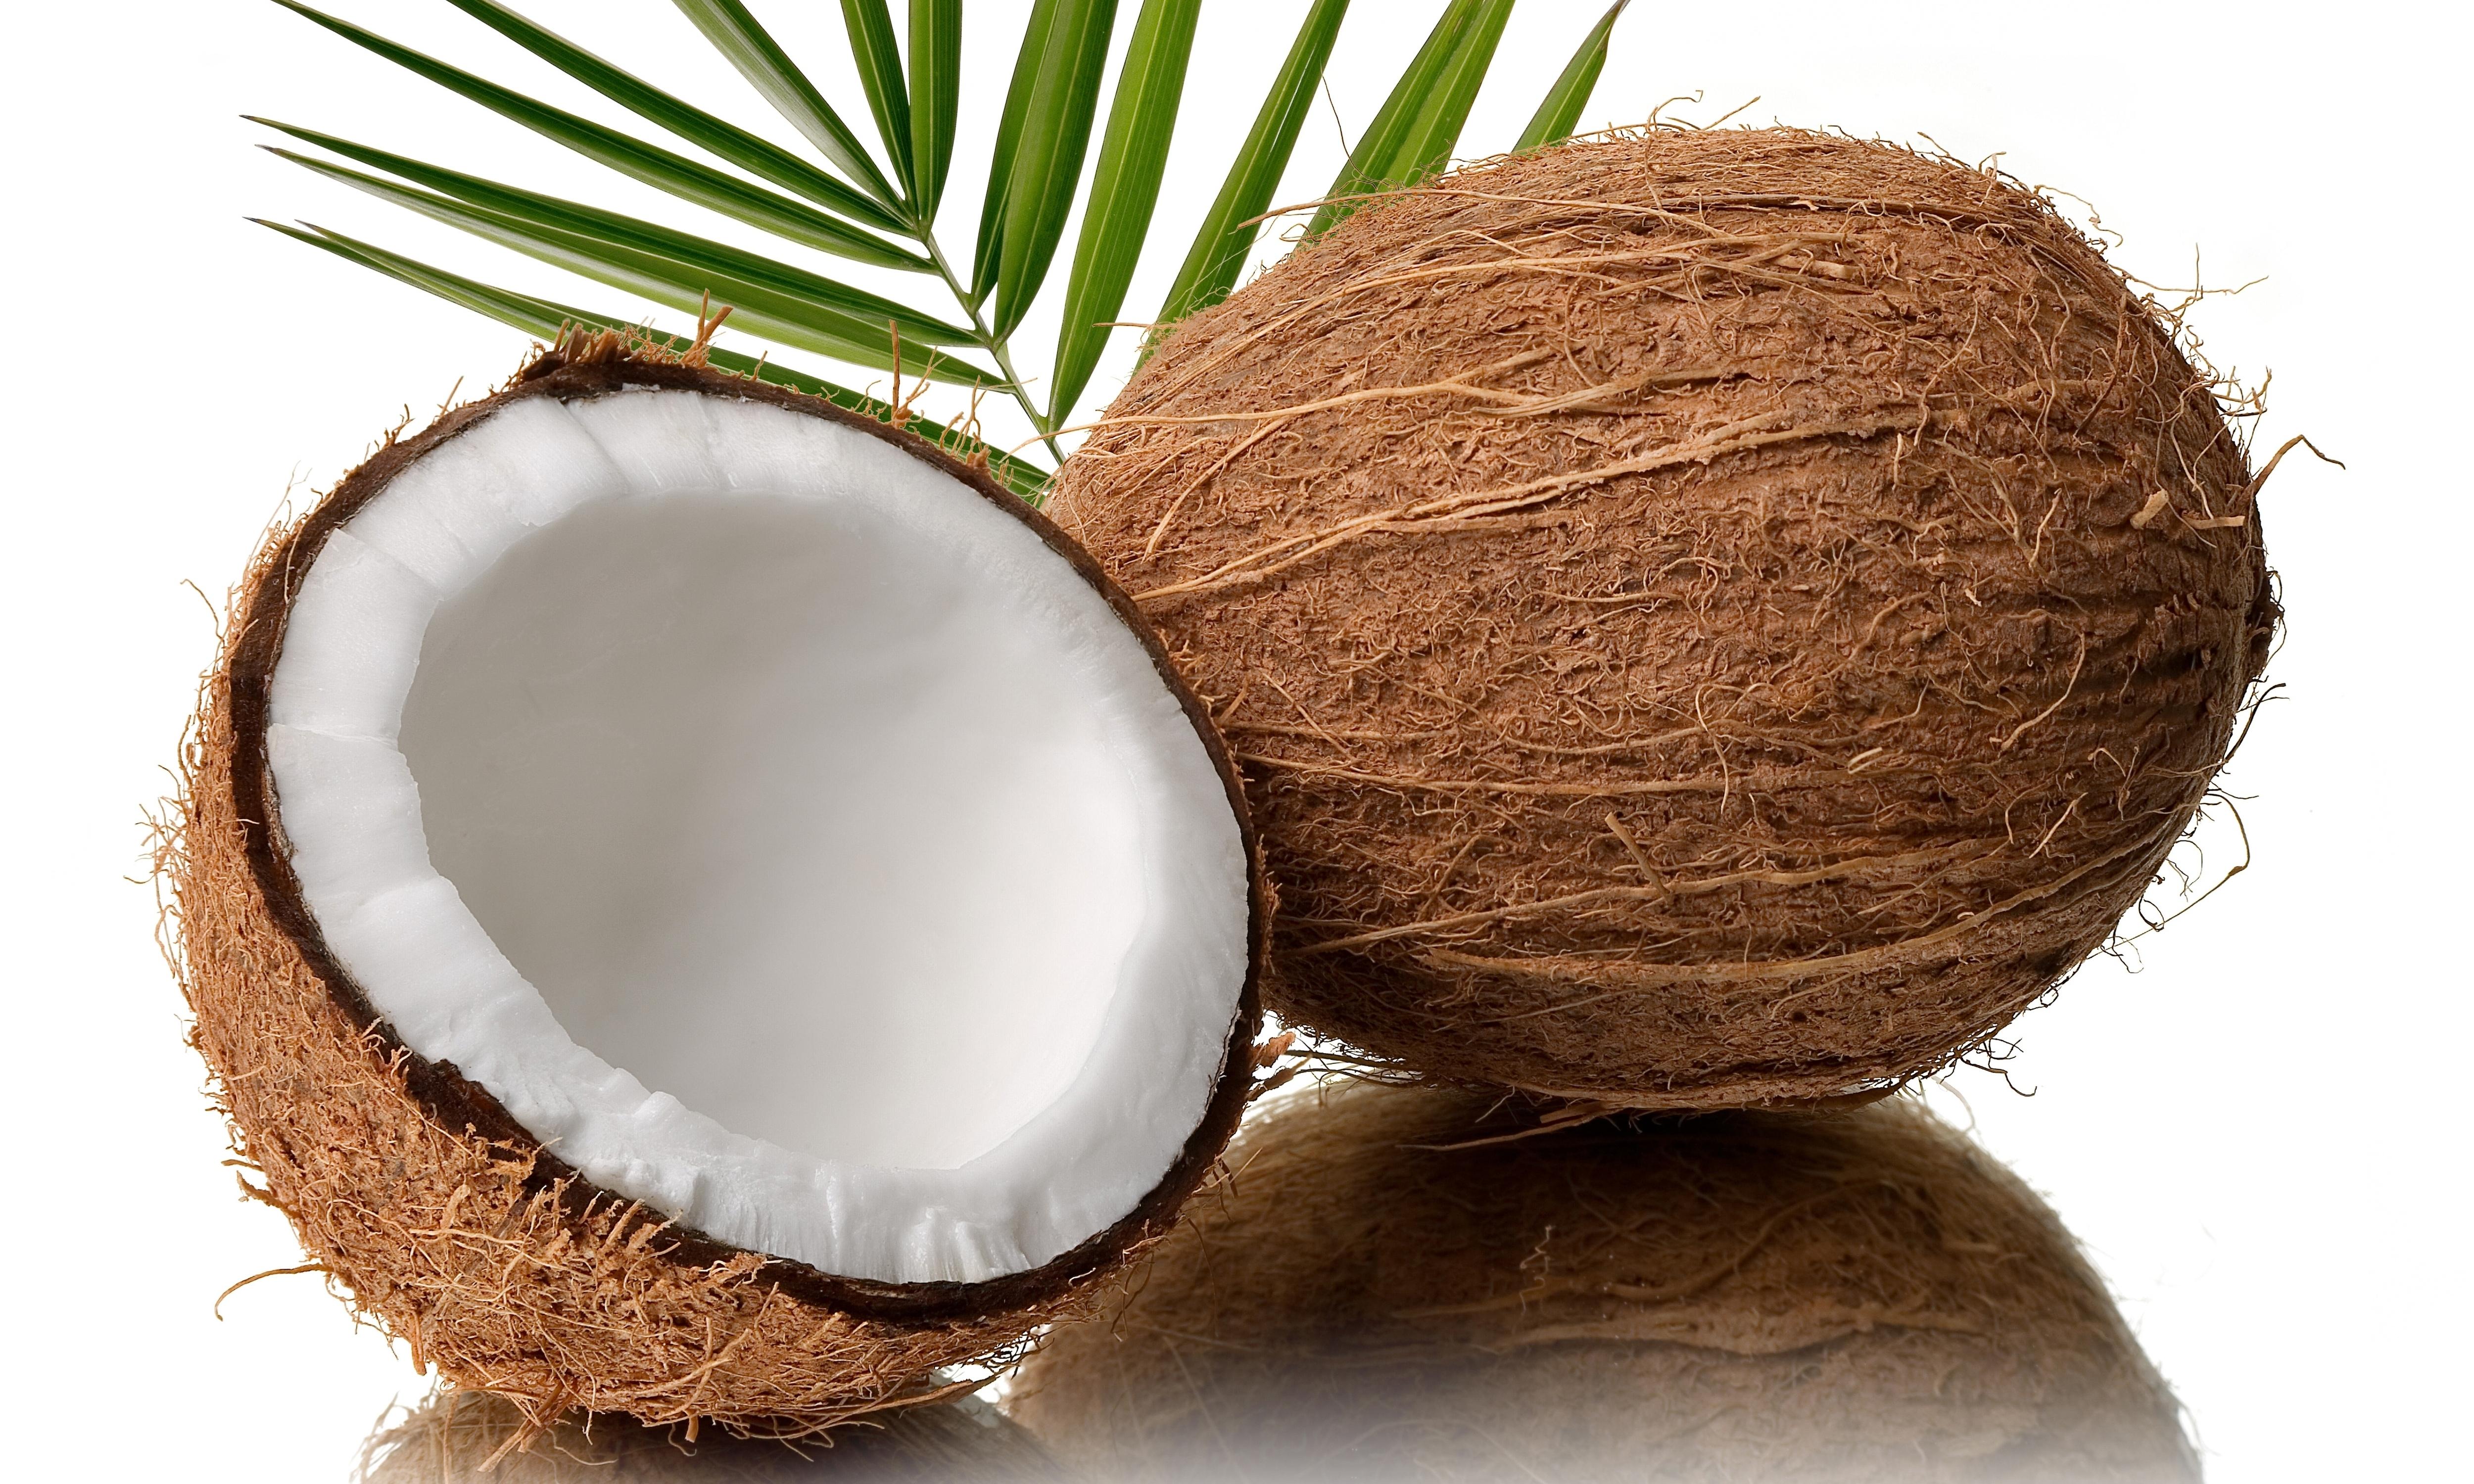 coco-fruit